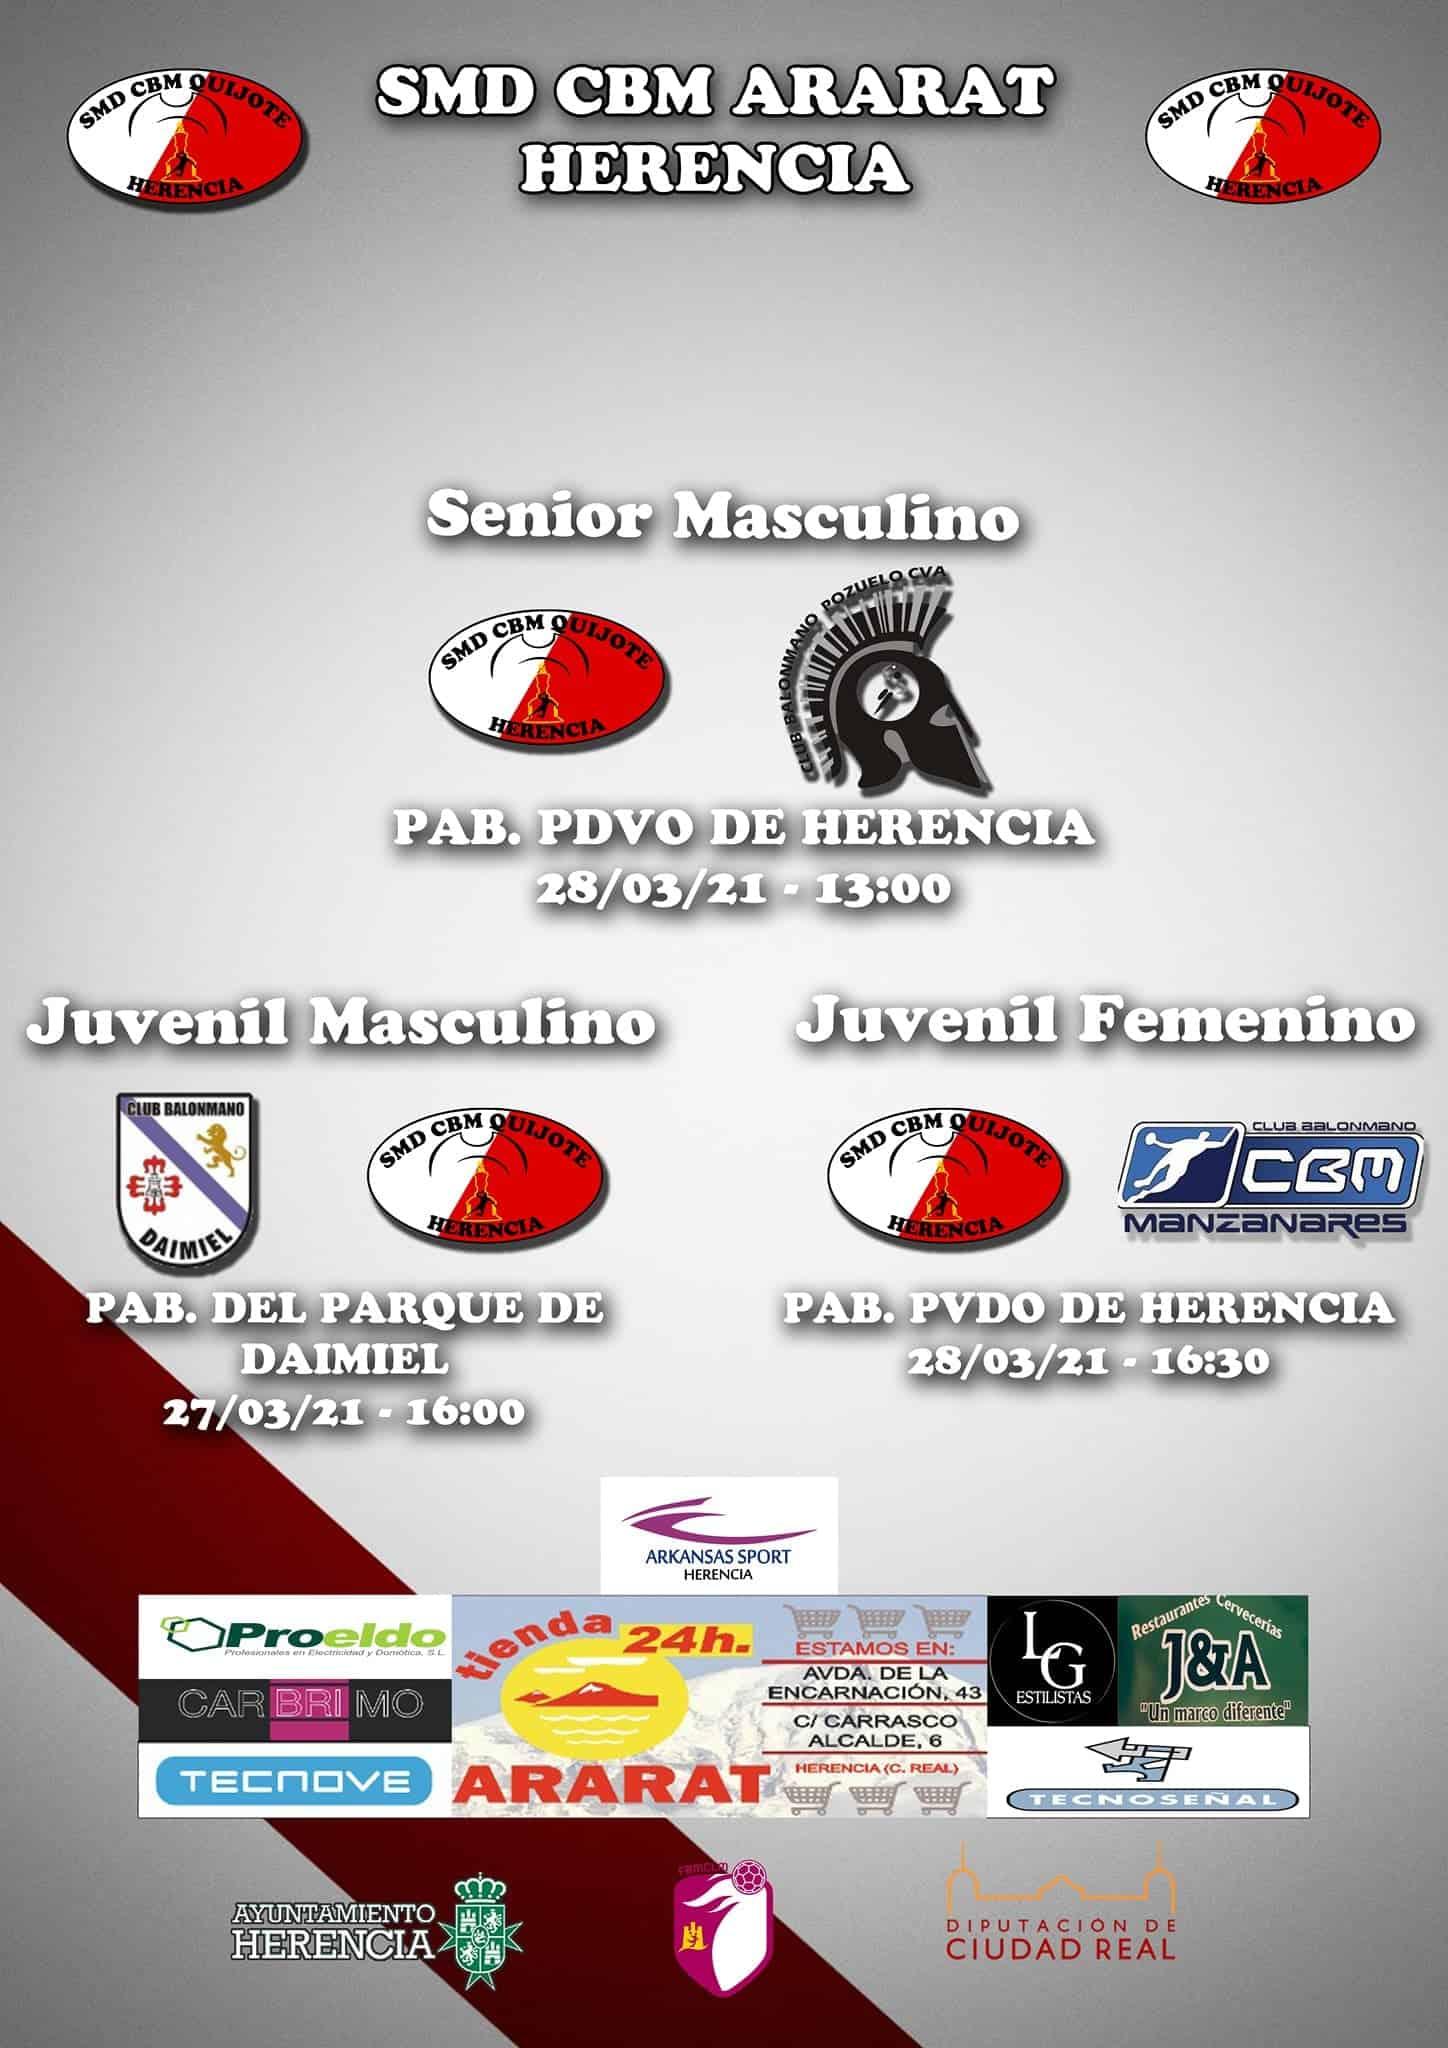 Jornada de balonmano en Herencia este 27 y 28 de marzo 3